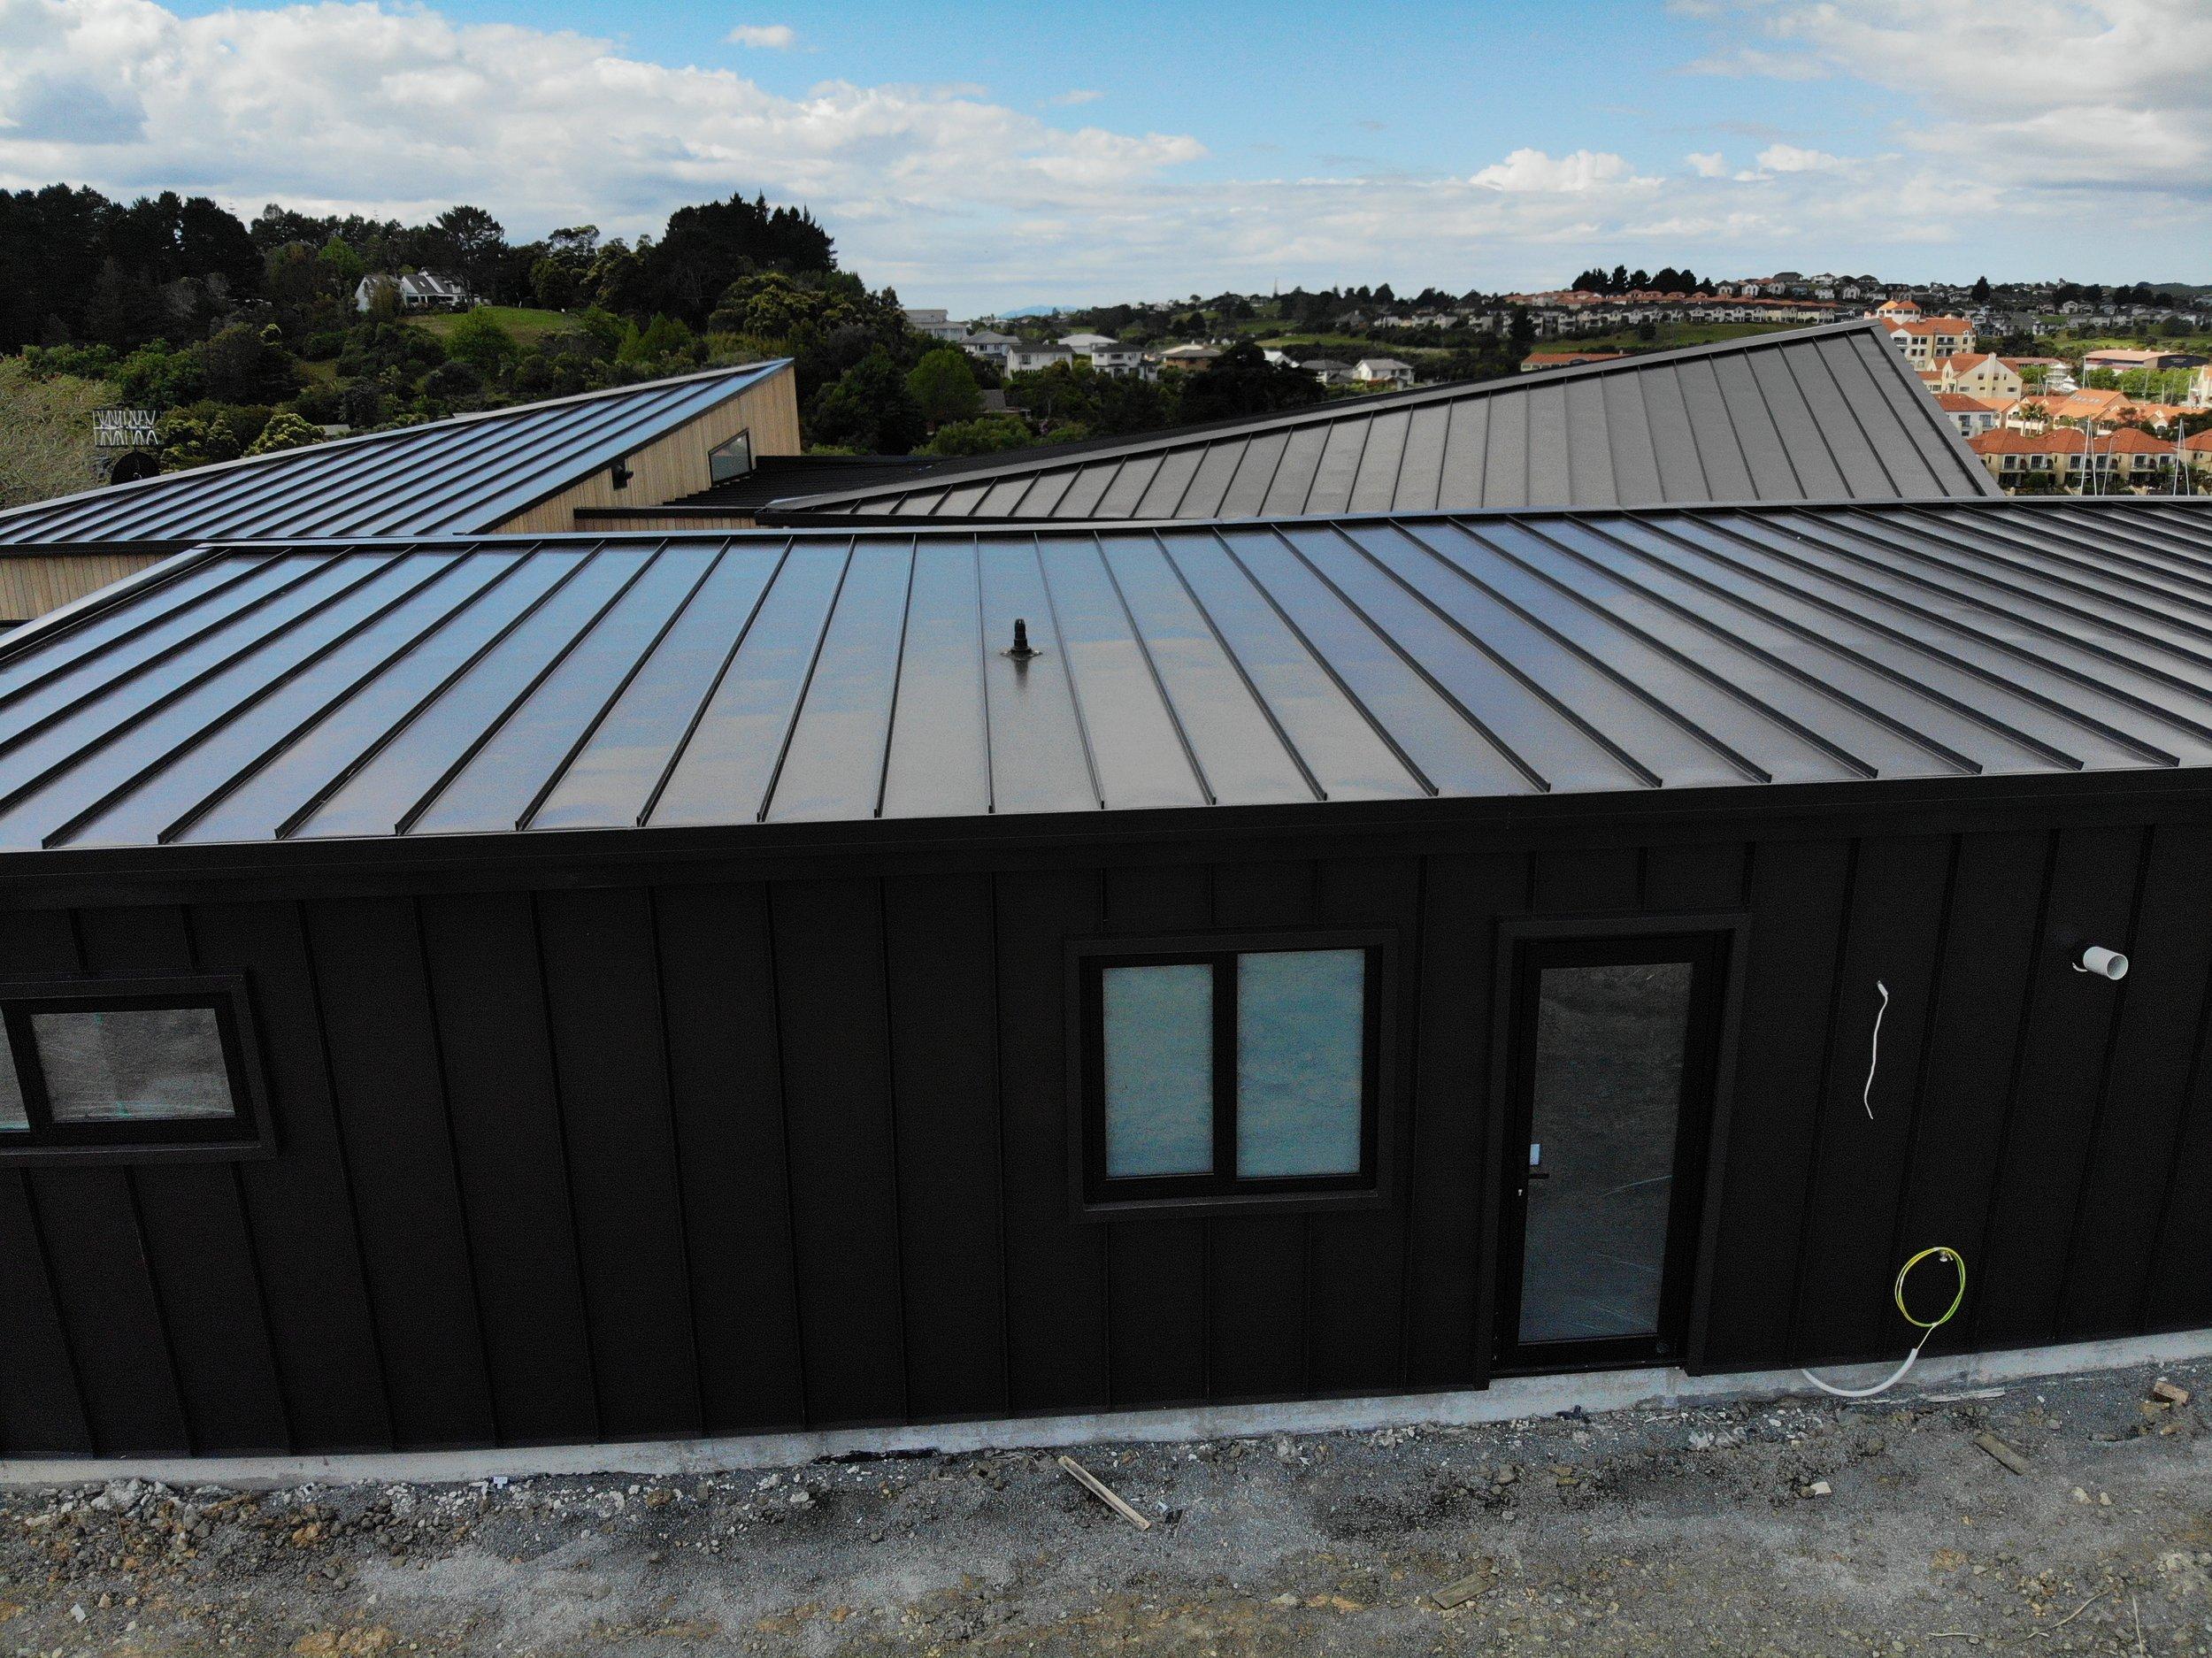 The-Roofing-Store-Steel-Metal-Super-Seam-540-Raven-4.jpg.jpg